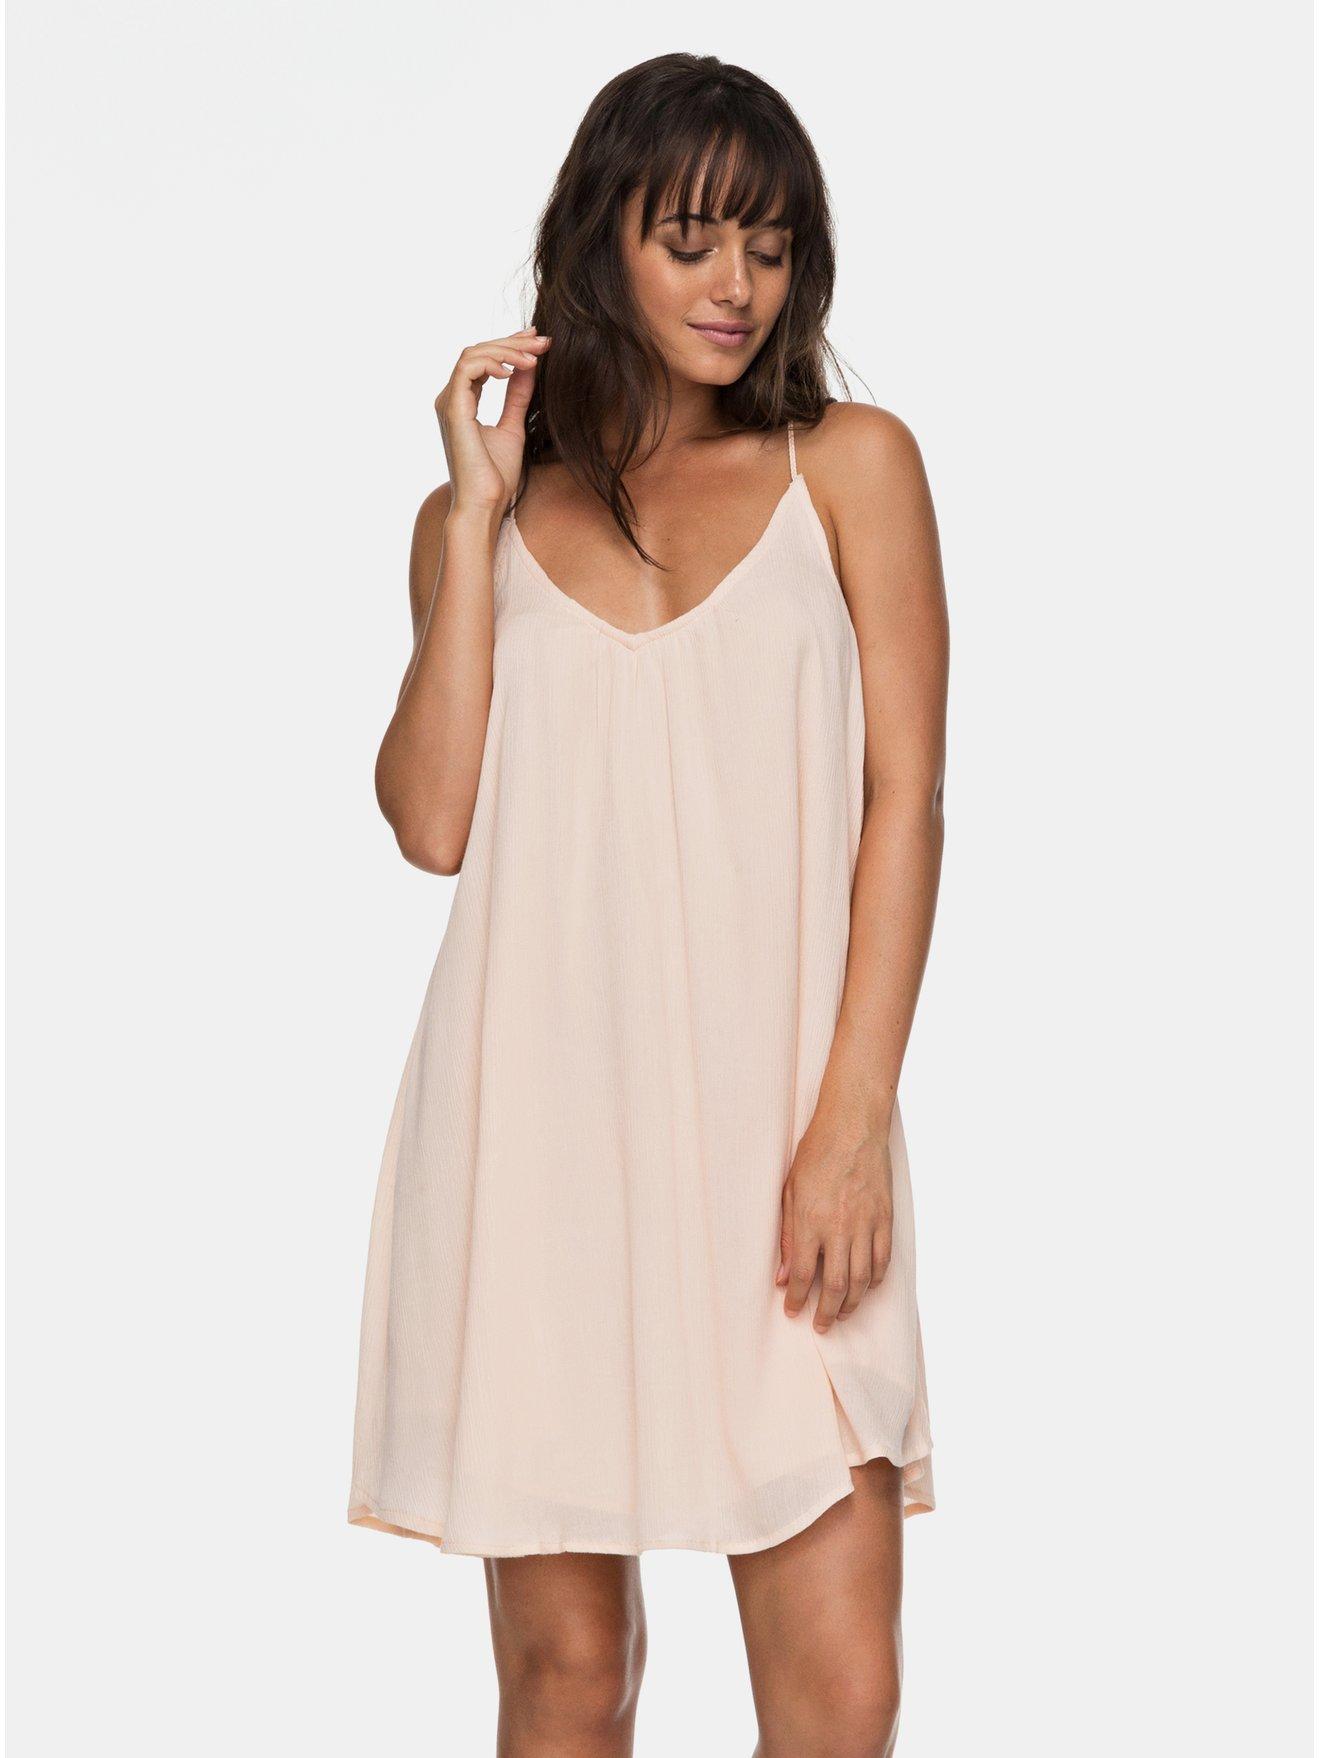 74d591ffc1e1 Světle růžové šaty na tenká ramínka Roxy Great Intentions